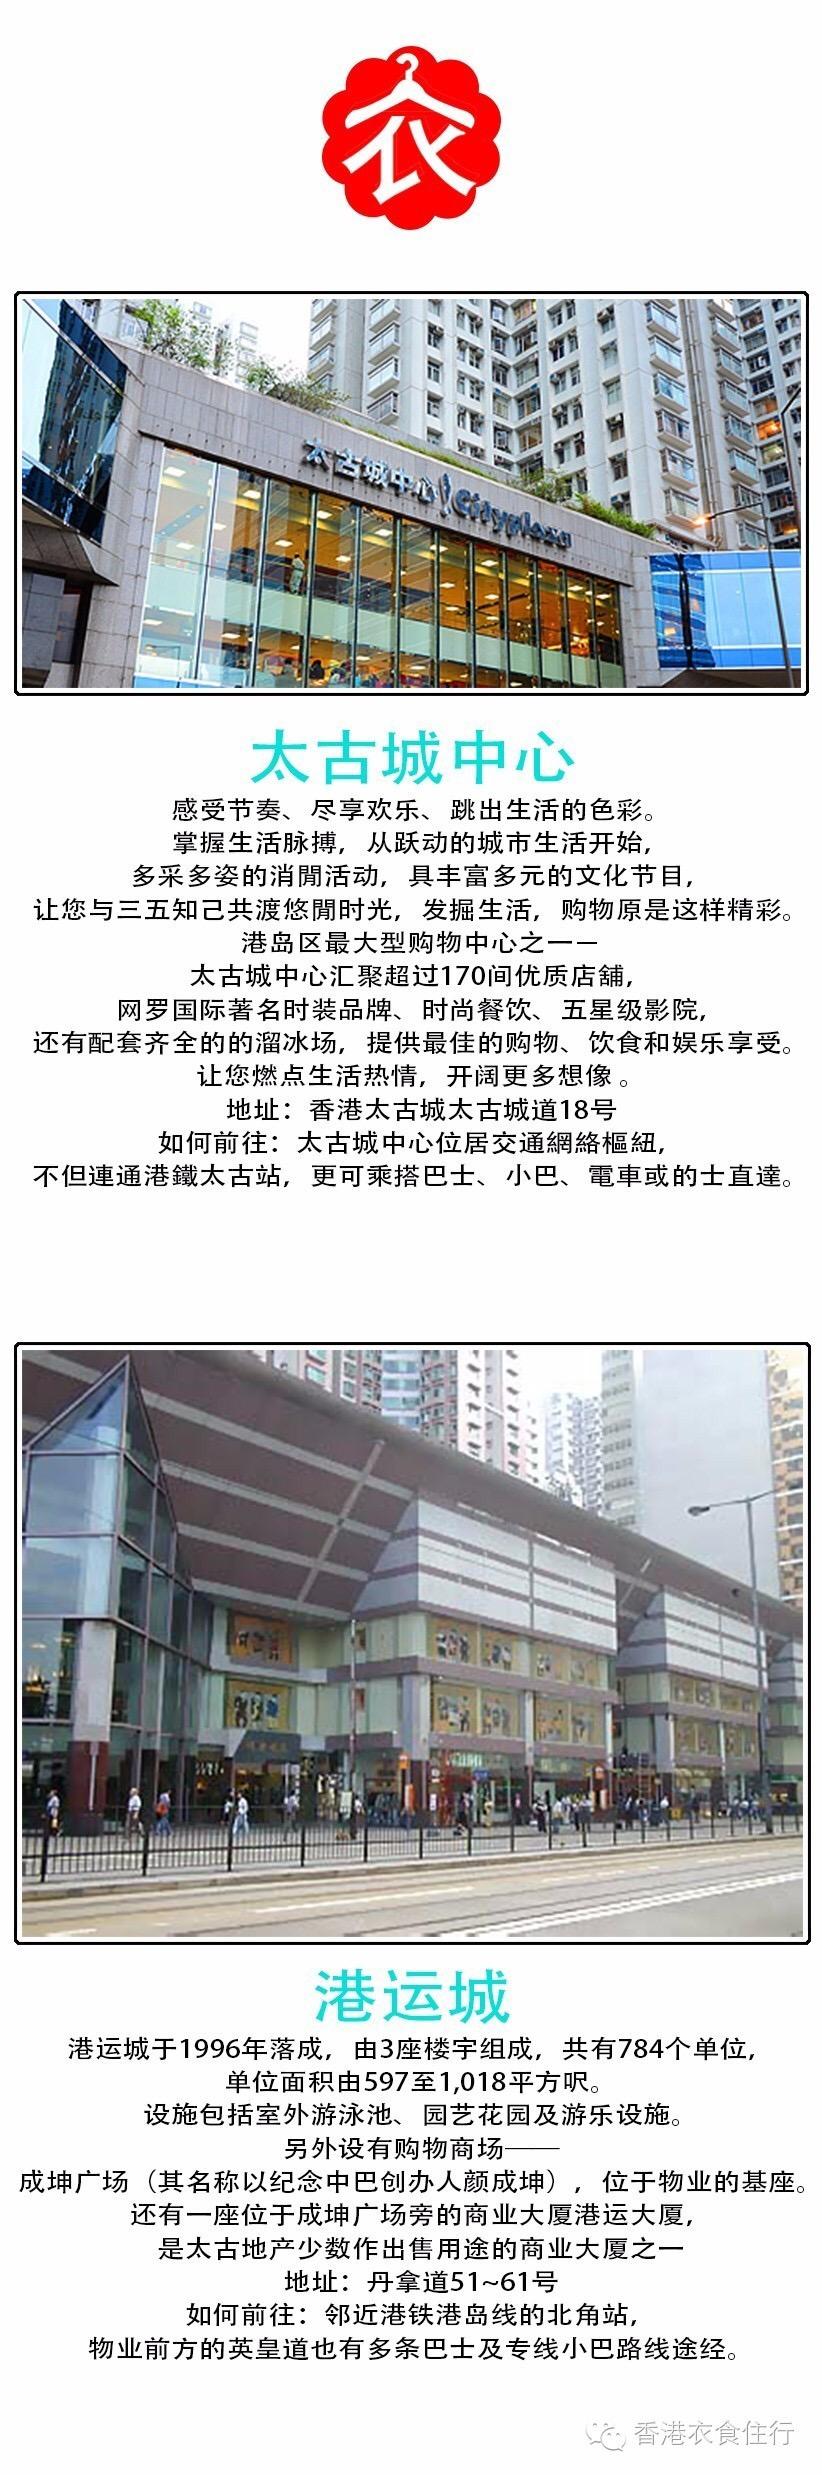 香港【衣食住行】之东区篇